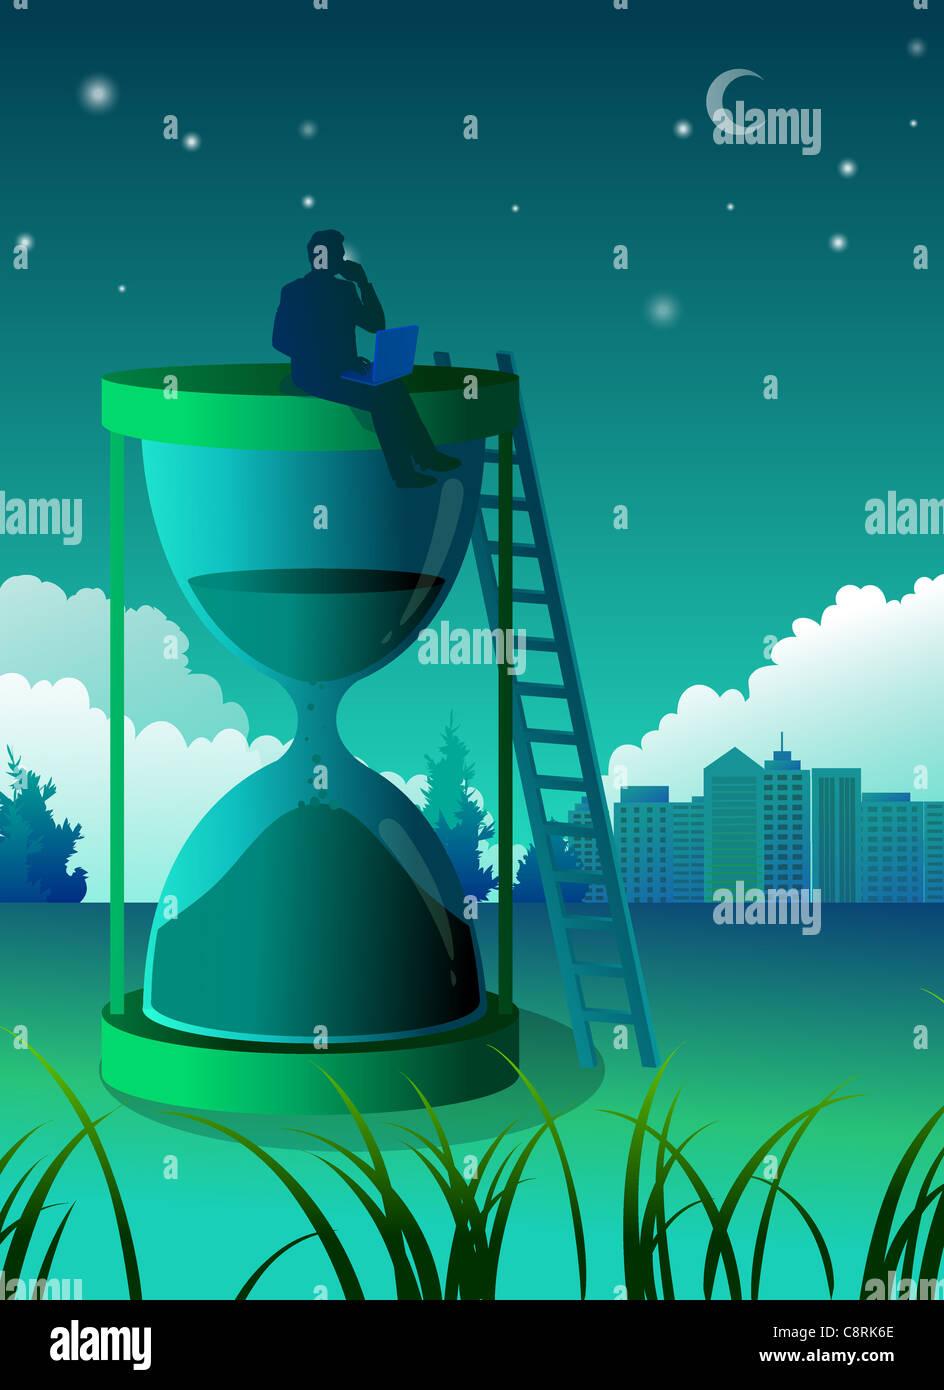 Ilustración del hombre sentado en la parte superior del reloj de arena Imagen De Stock